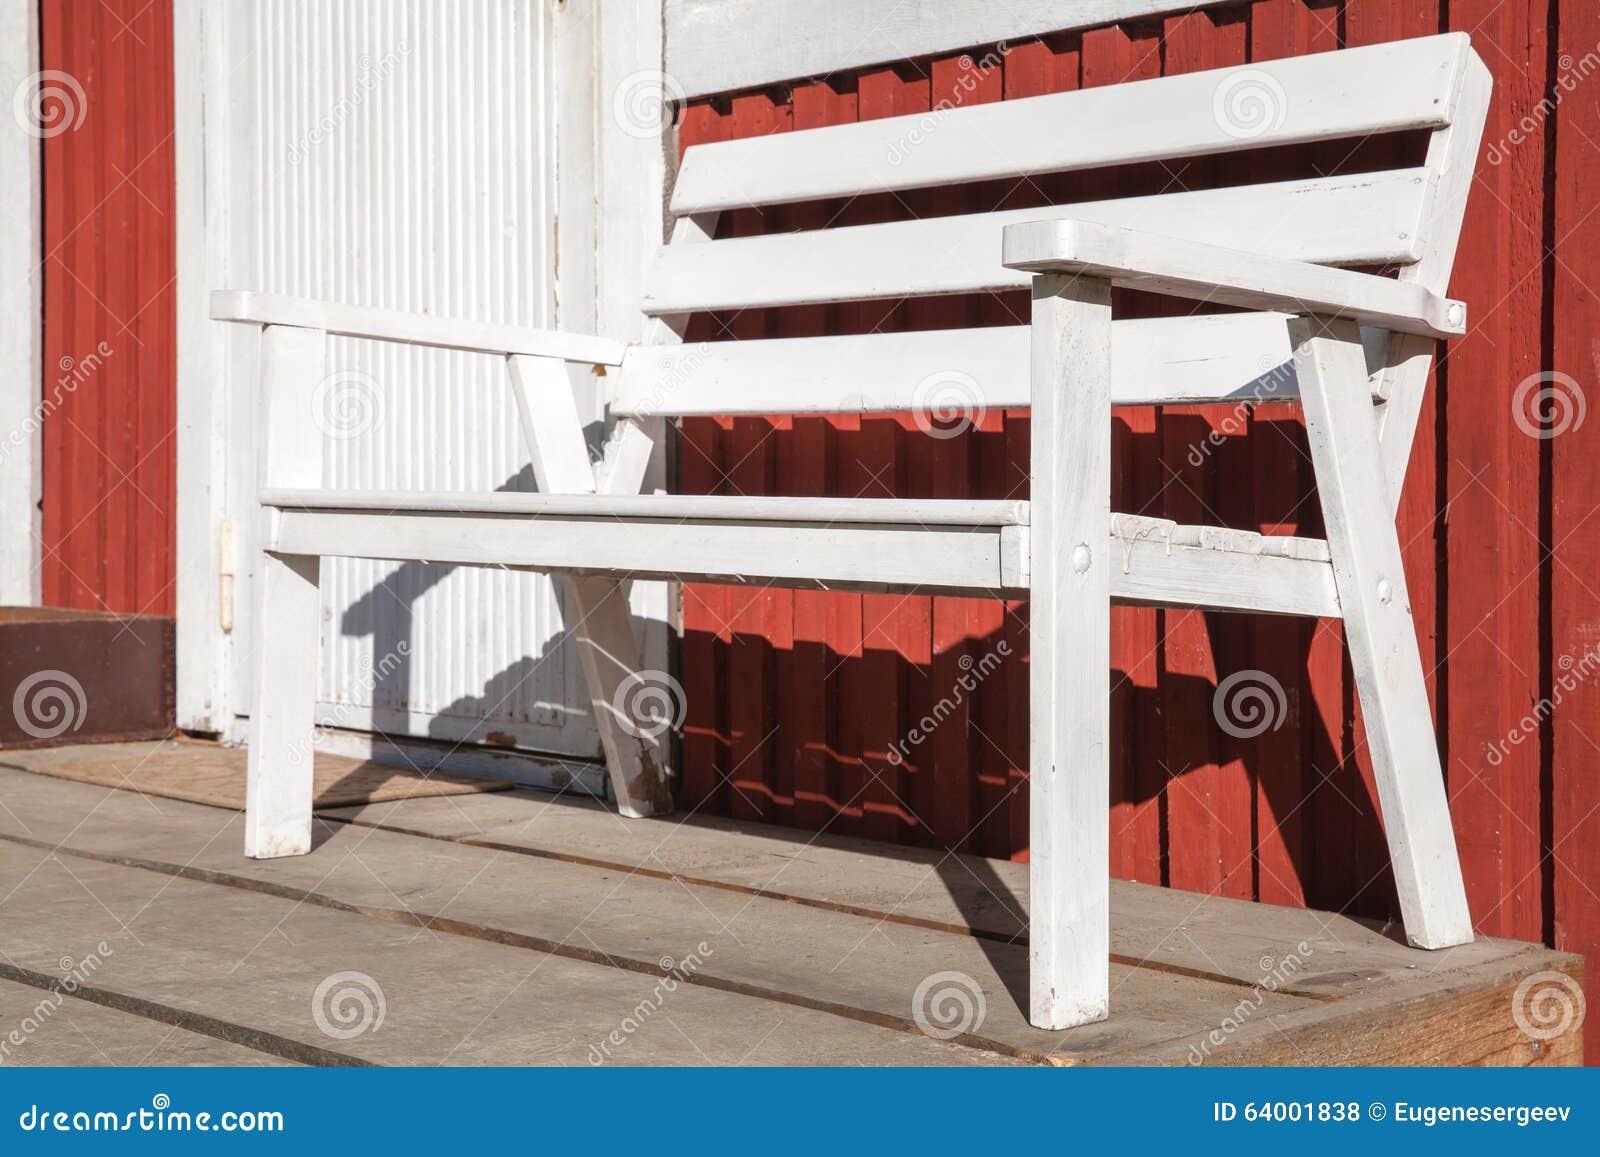 Banc en bois blanc sur la terrasse de la maison en bois rouge photo stock image du type vide - Banc de terrasse en bois ...